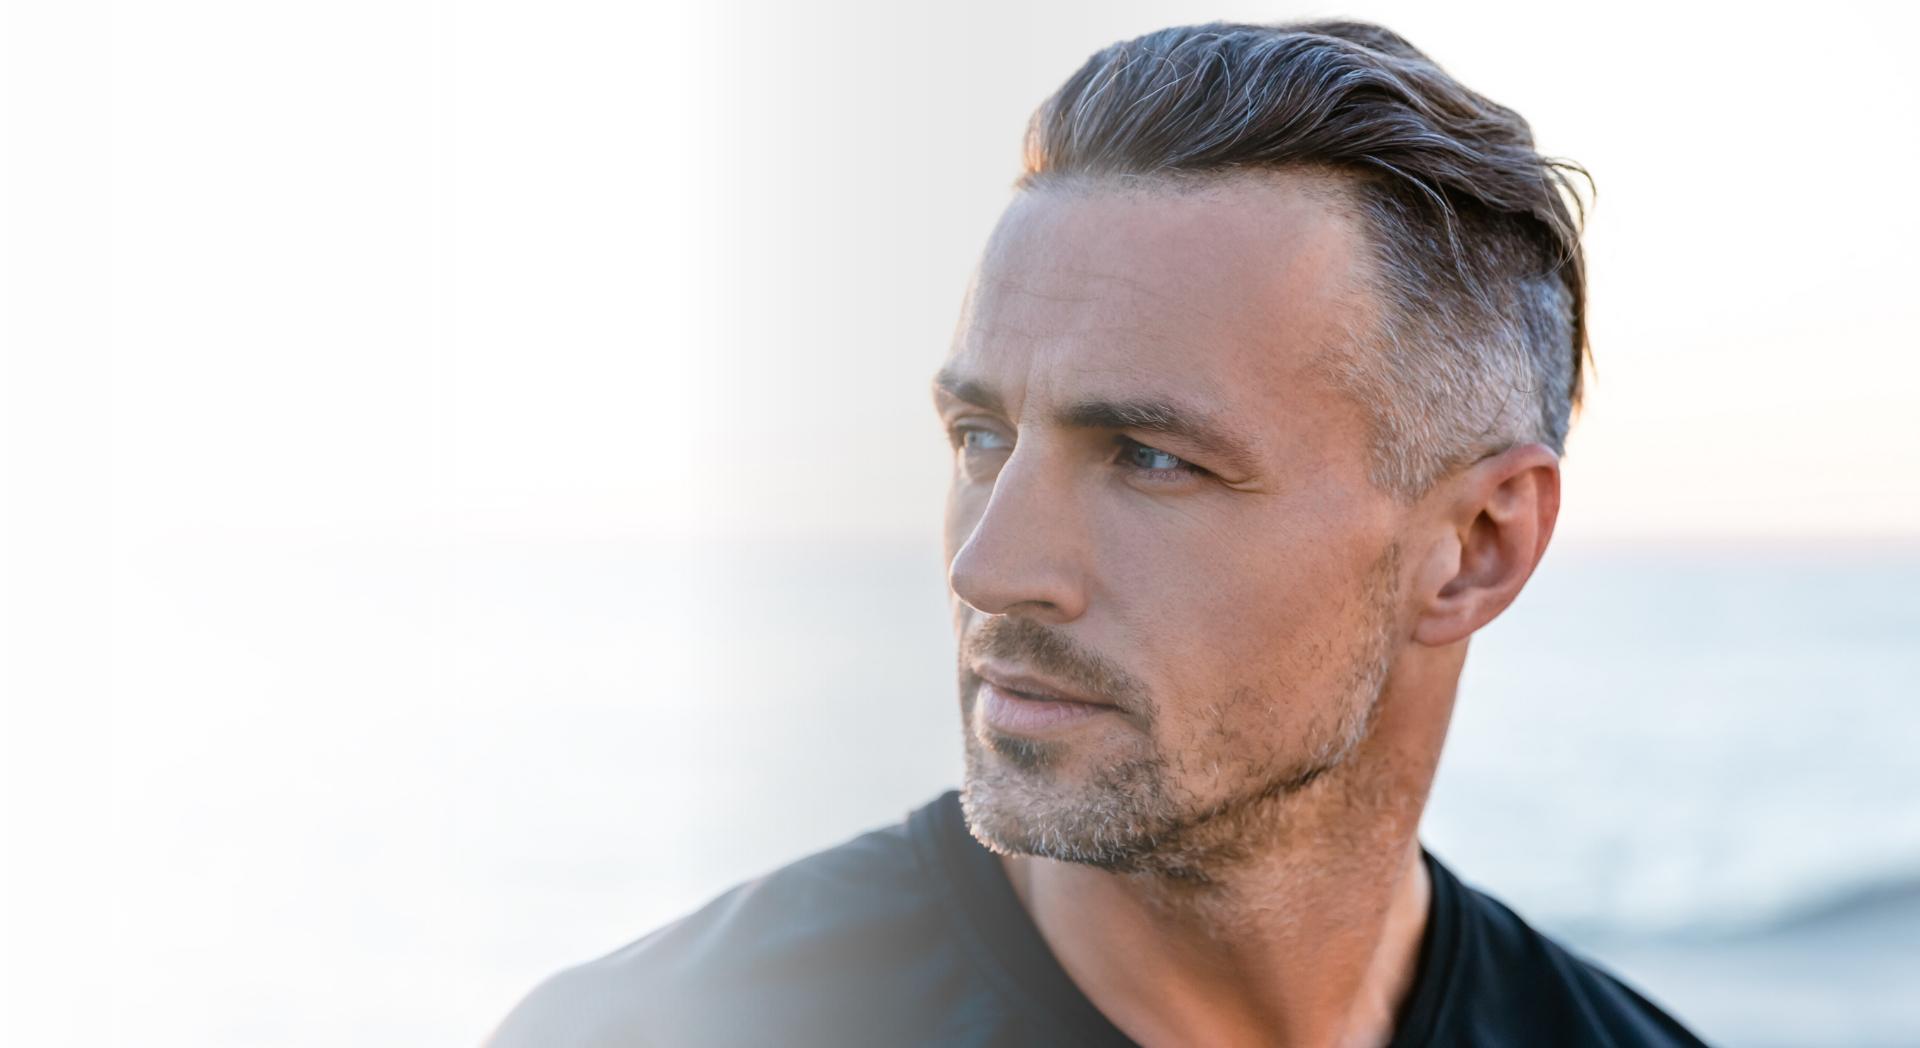 Enhance Hair Restoration